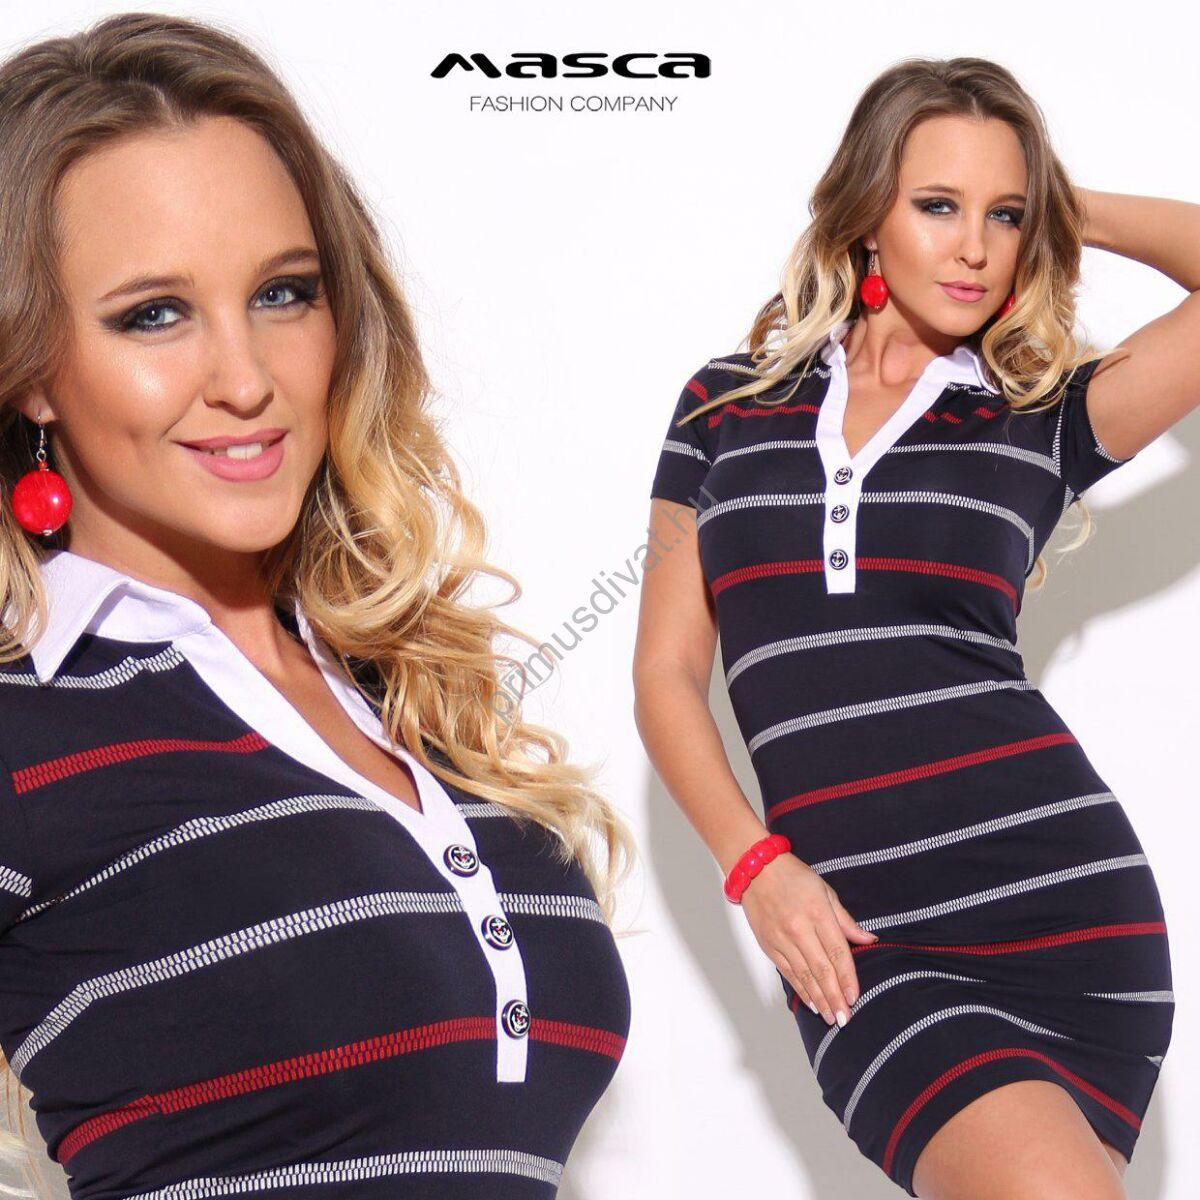 Kép 1 2 - Masca Fashion piros-fehér csíkos sötétkék rövid ujjú miniruha 3bad00b678